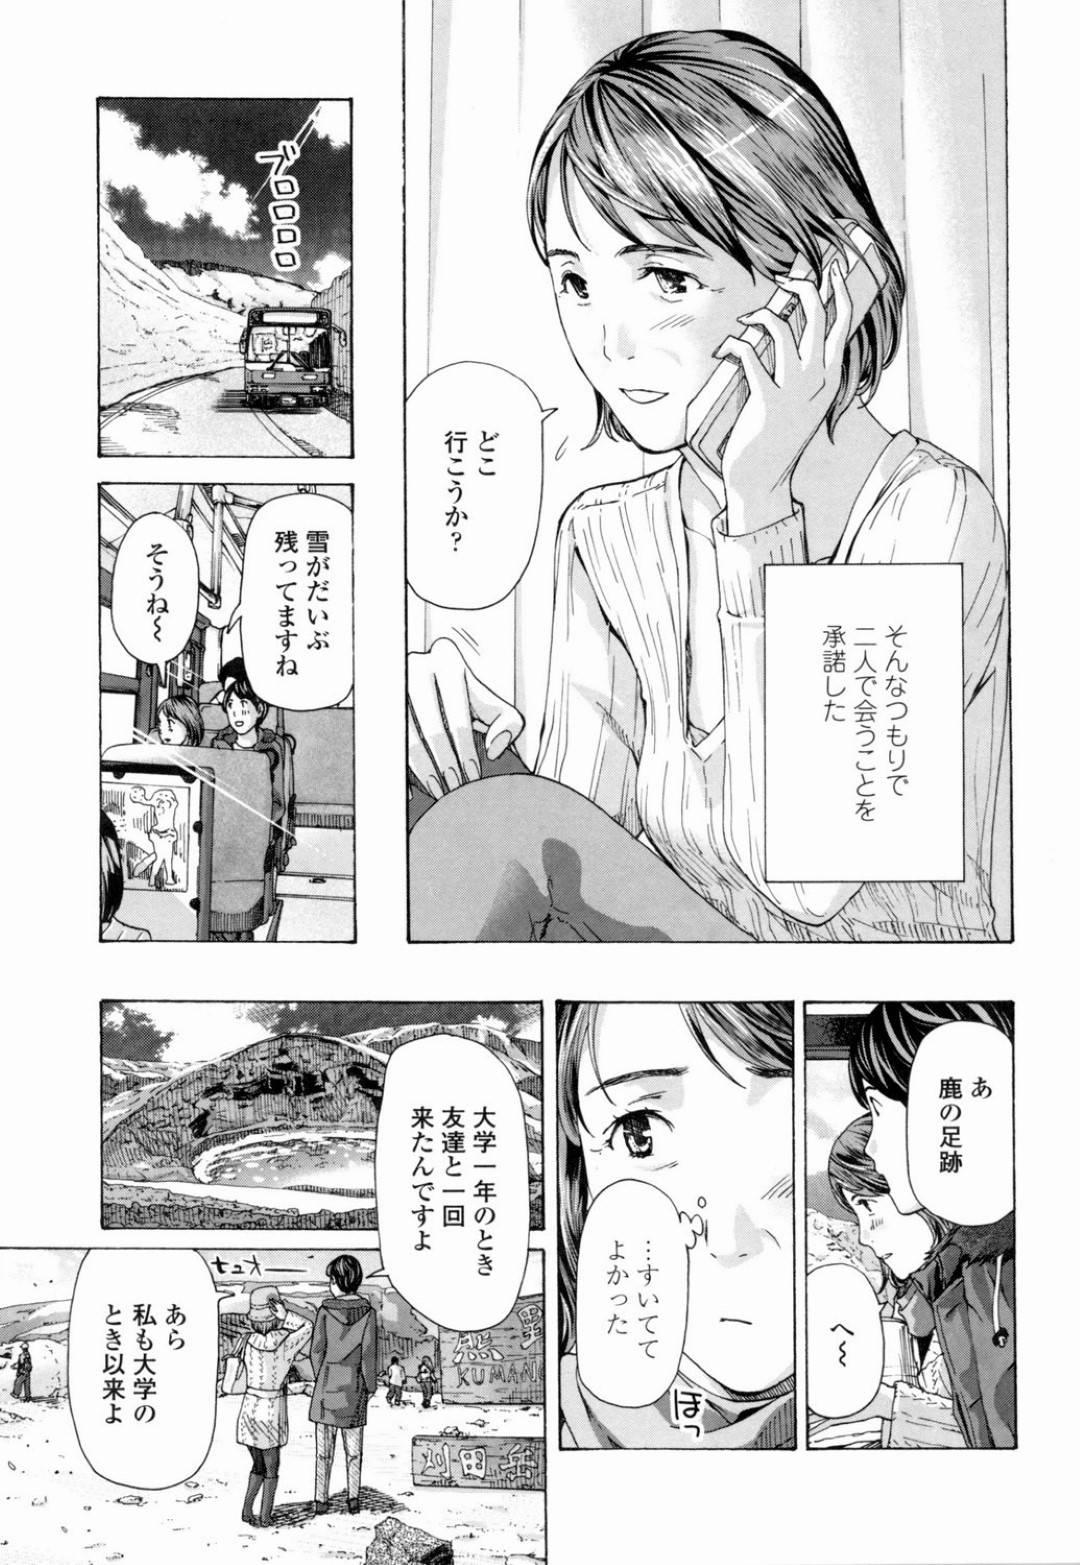 【エロ漫画】熟女教師に憧れを抱いていた少年が大きくなり、教師を目指していると同窓会で知る。男から好意を受け続けて、二人旅行に行くことに。男の積極的なアプローチに熟女教師も落ちてしまう…